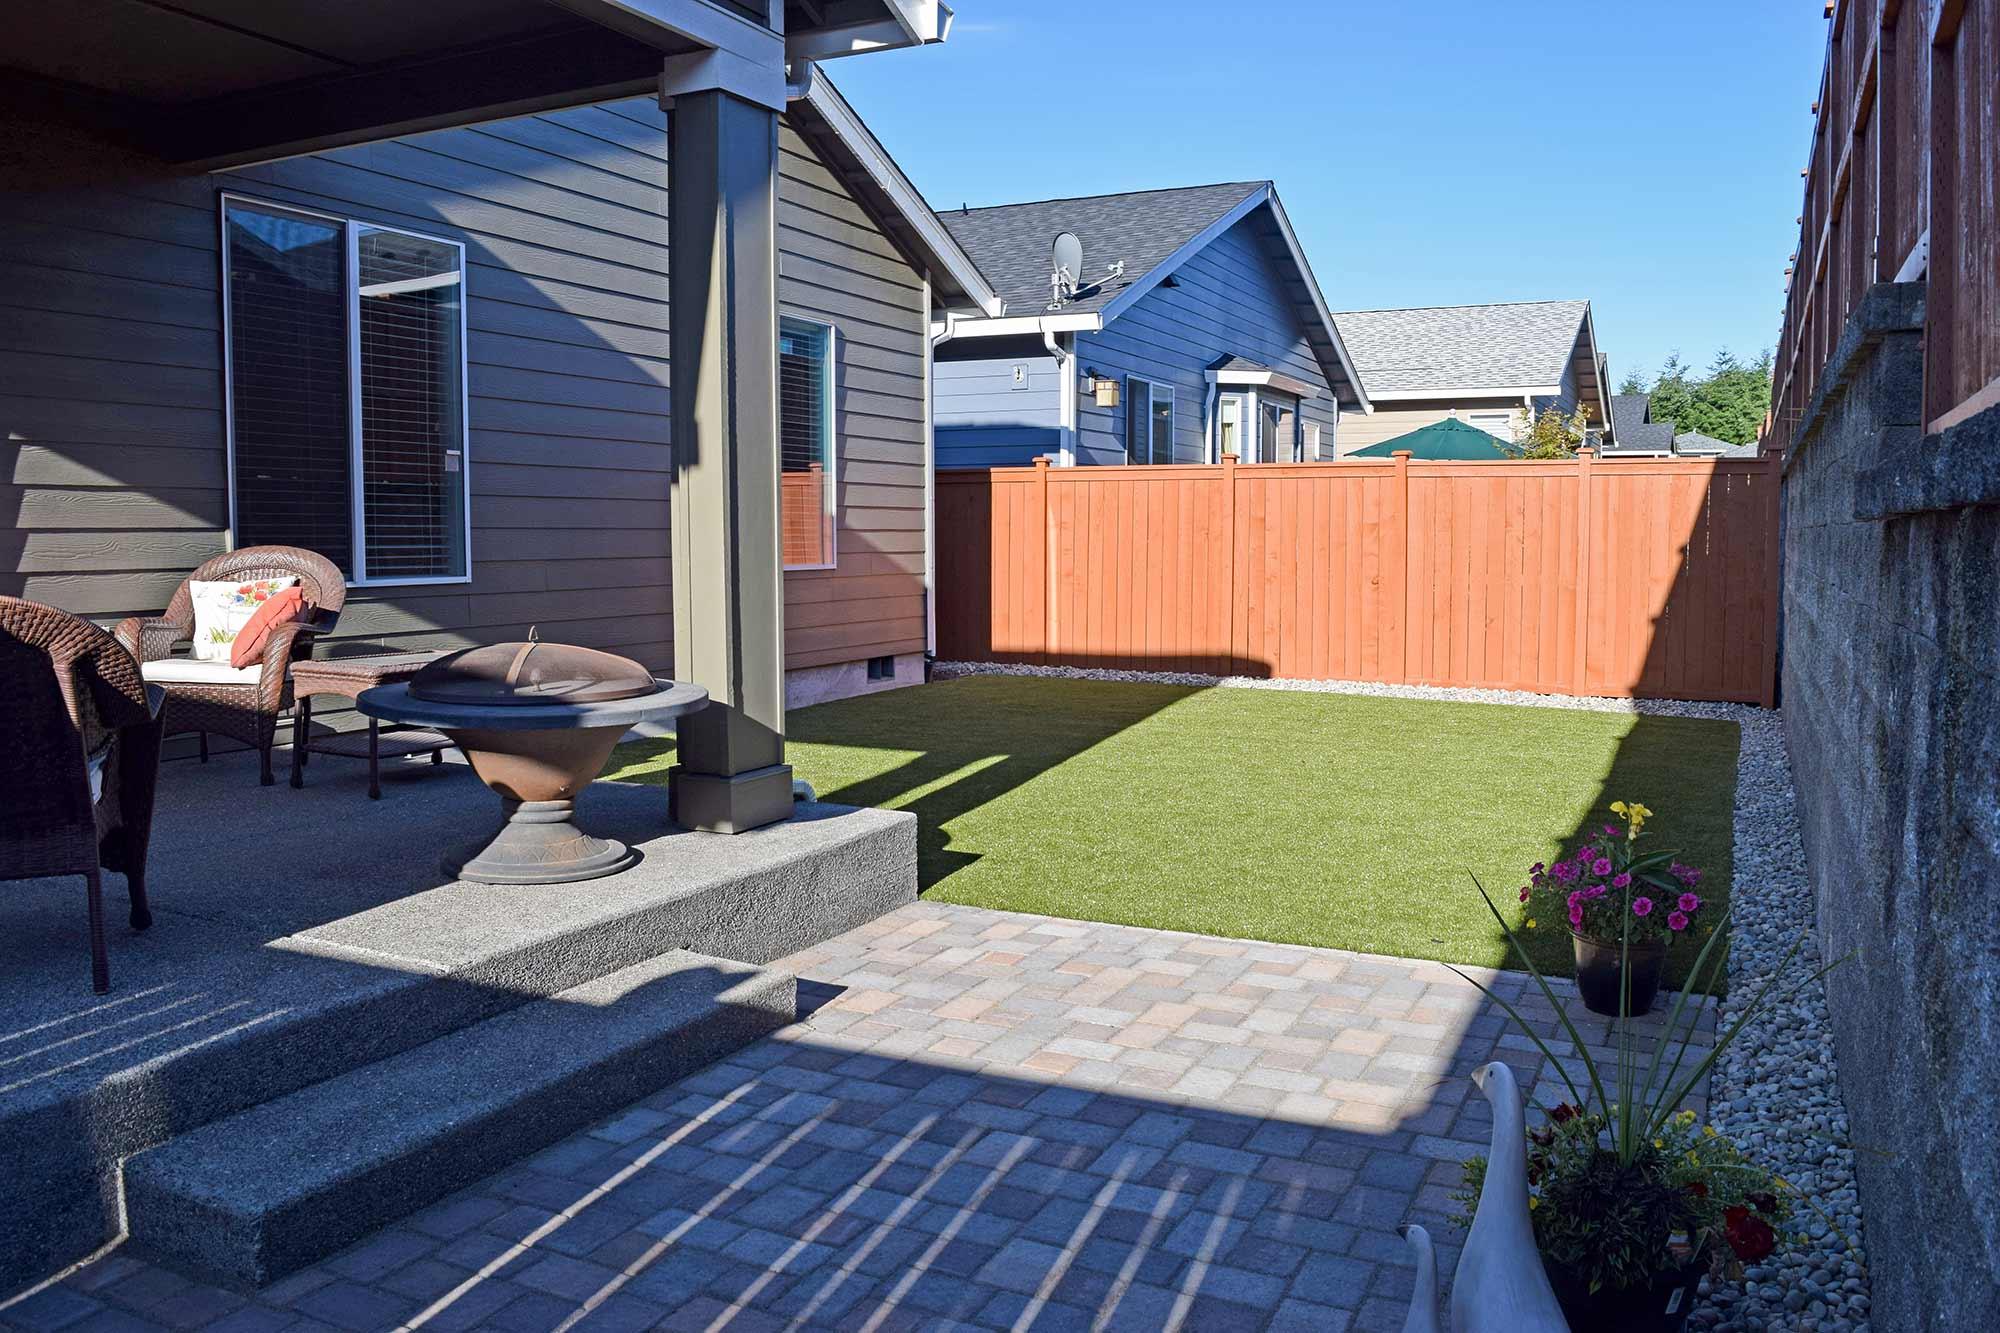 hawks prairie 55 community backyard with k9 grass ajb